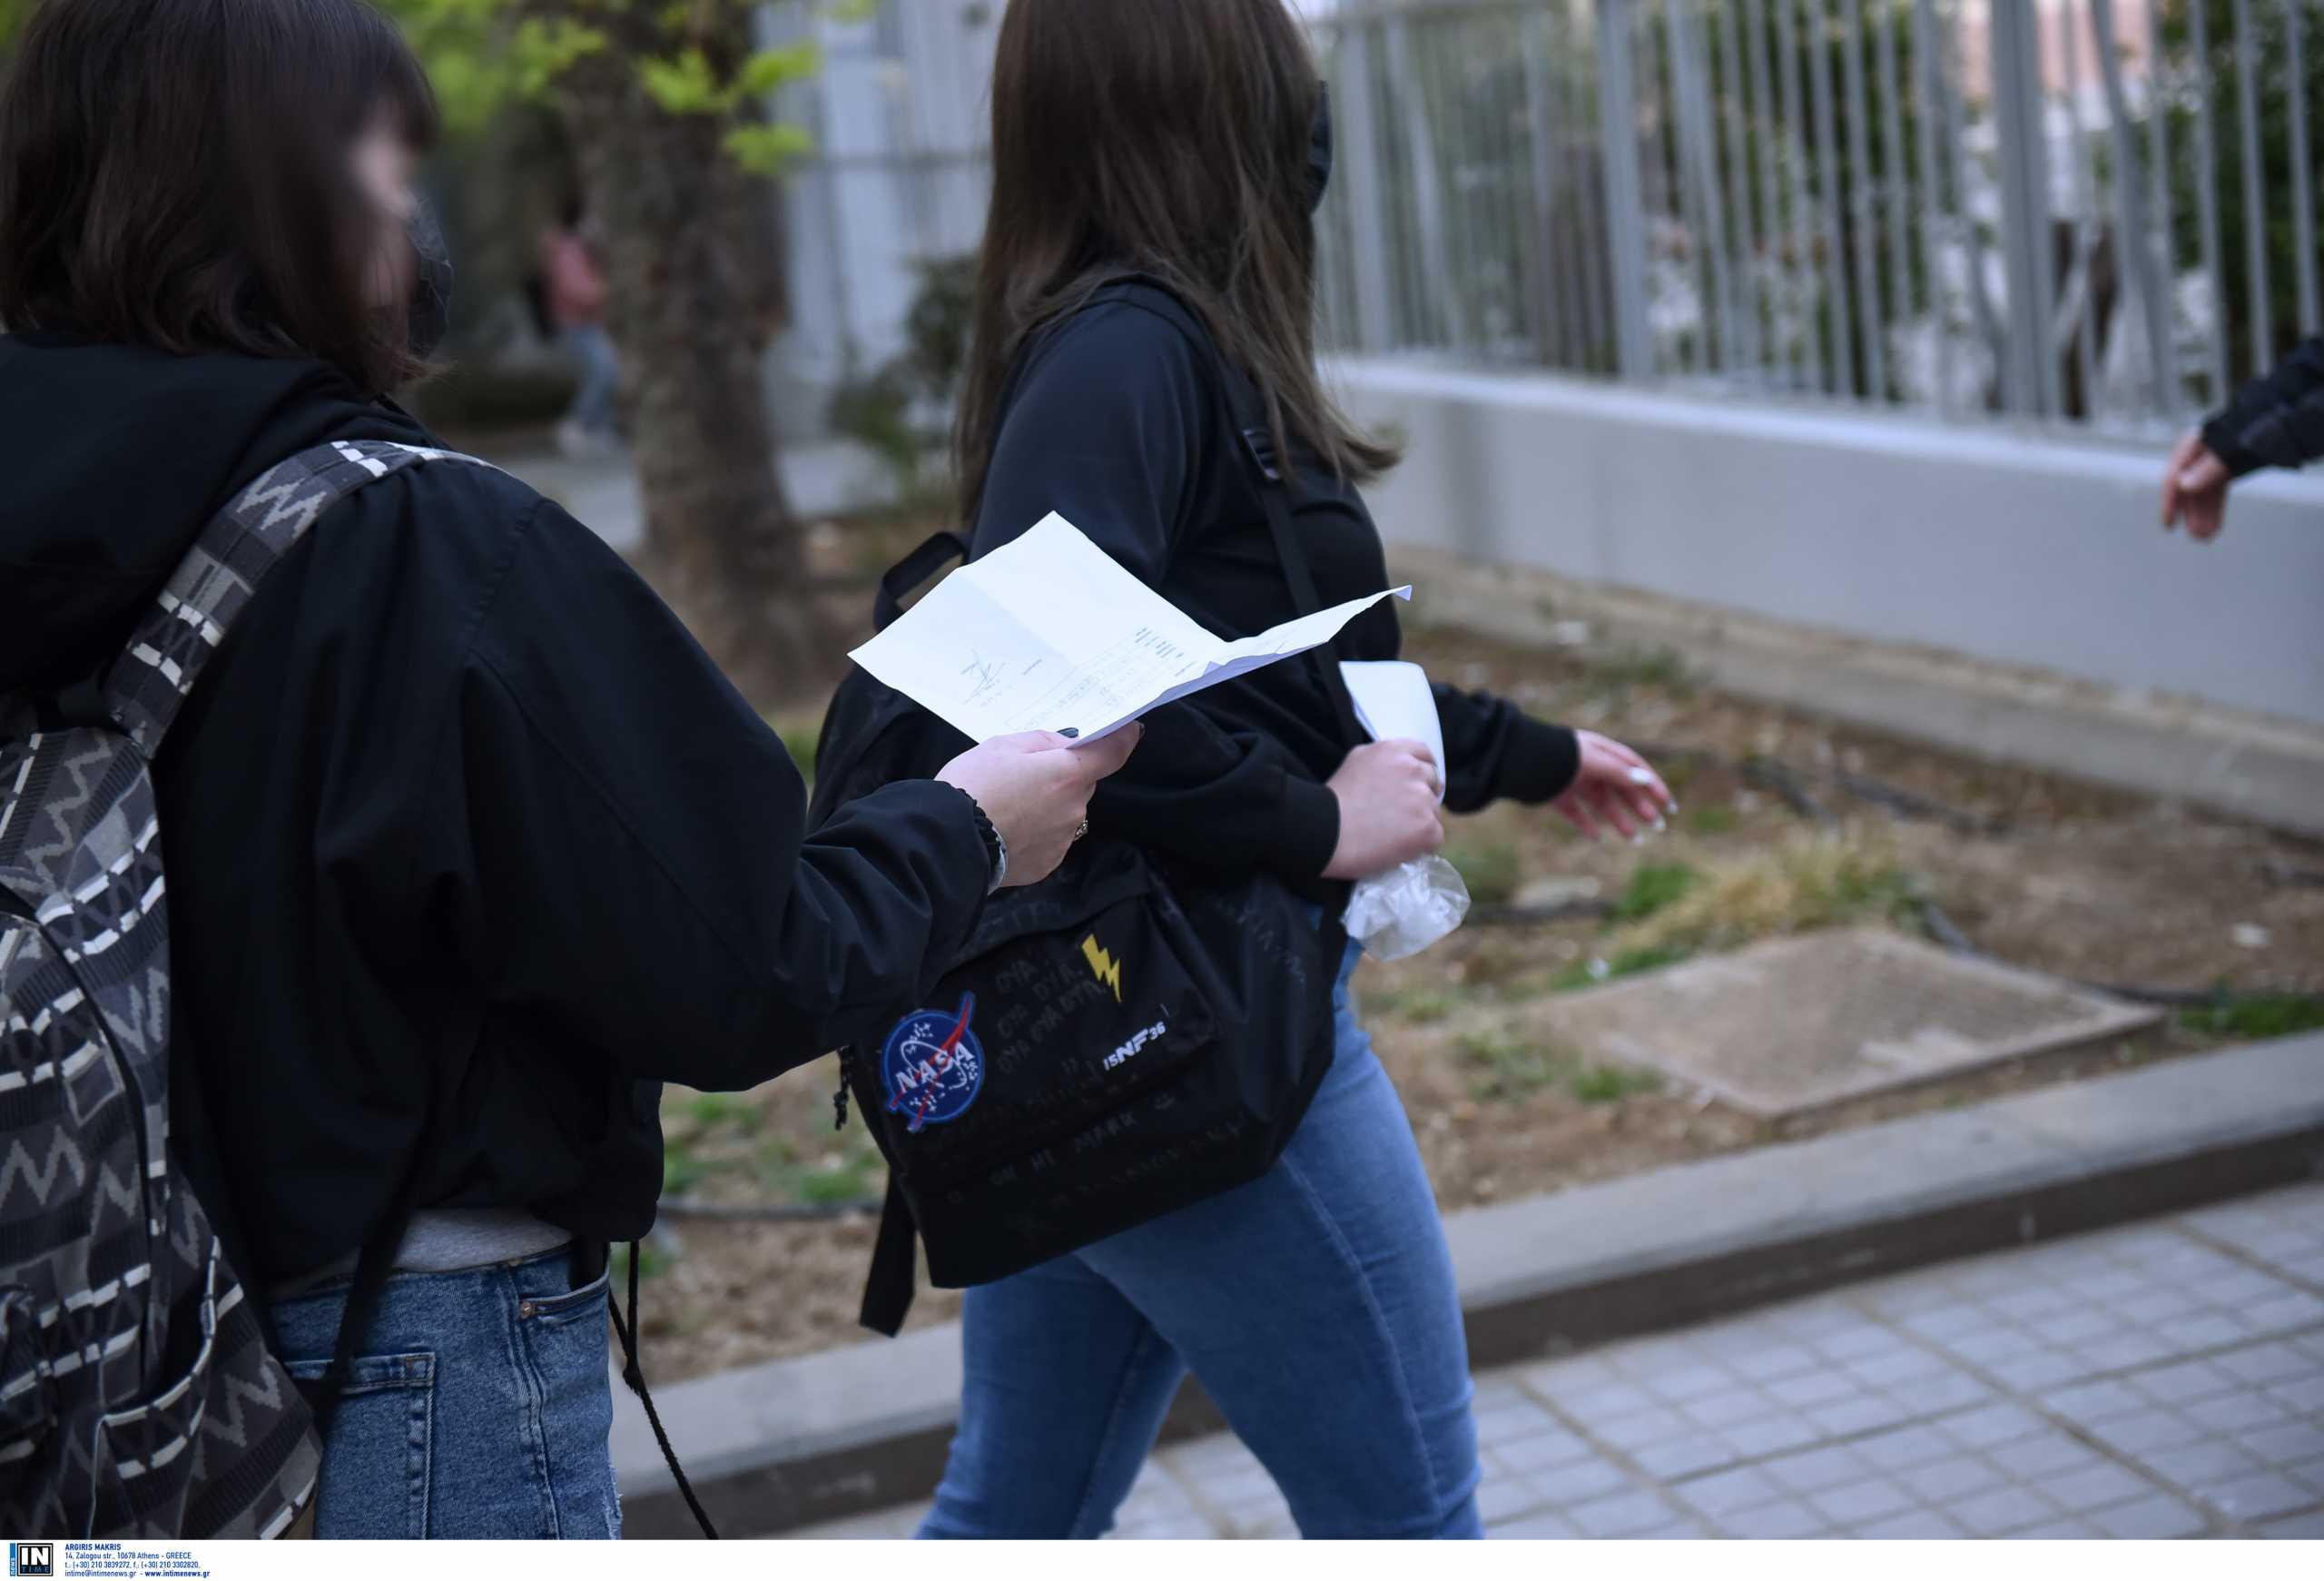 Θεσσαλονίκη: Οι ανησυχίες των μαθητών που επέστρεψαν στα σχολεία τους – «Δεν είμαστε έτοιμοι» (video)